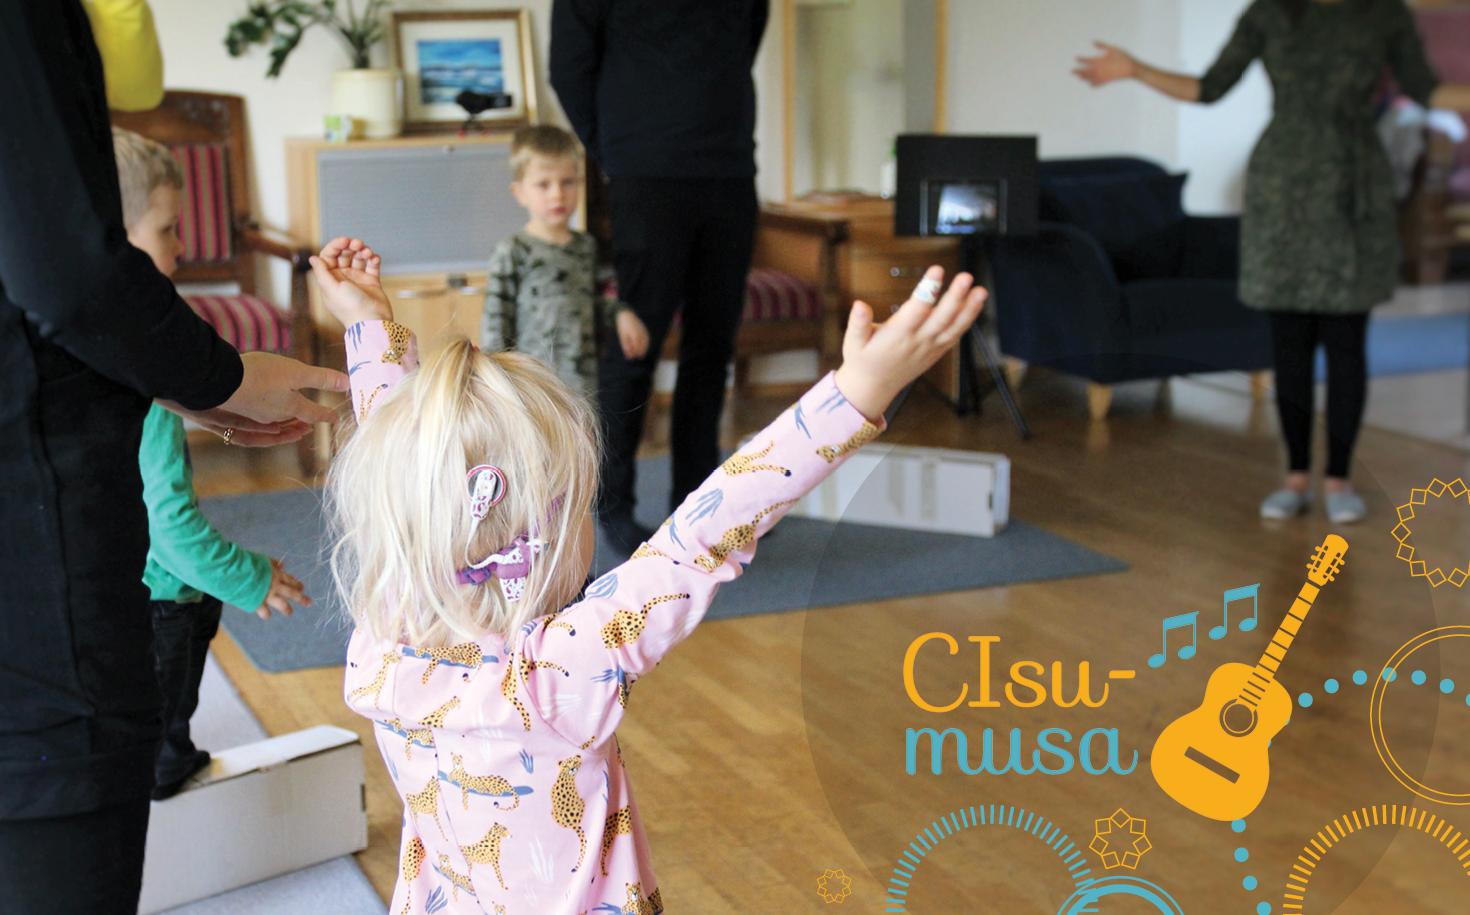 Kuvassa SI-lapsi etualalla kädet ylös nostettuina. Kulmassa CIsumusan logo